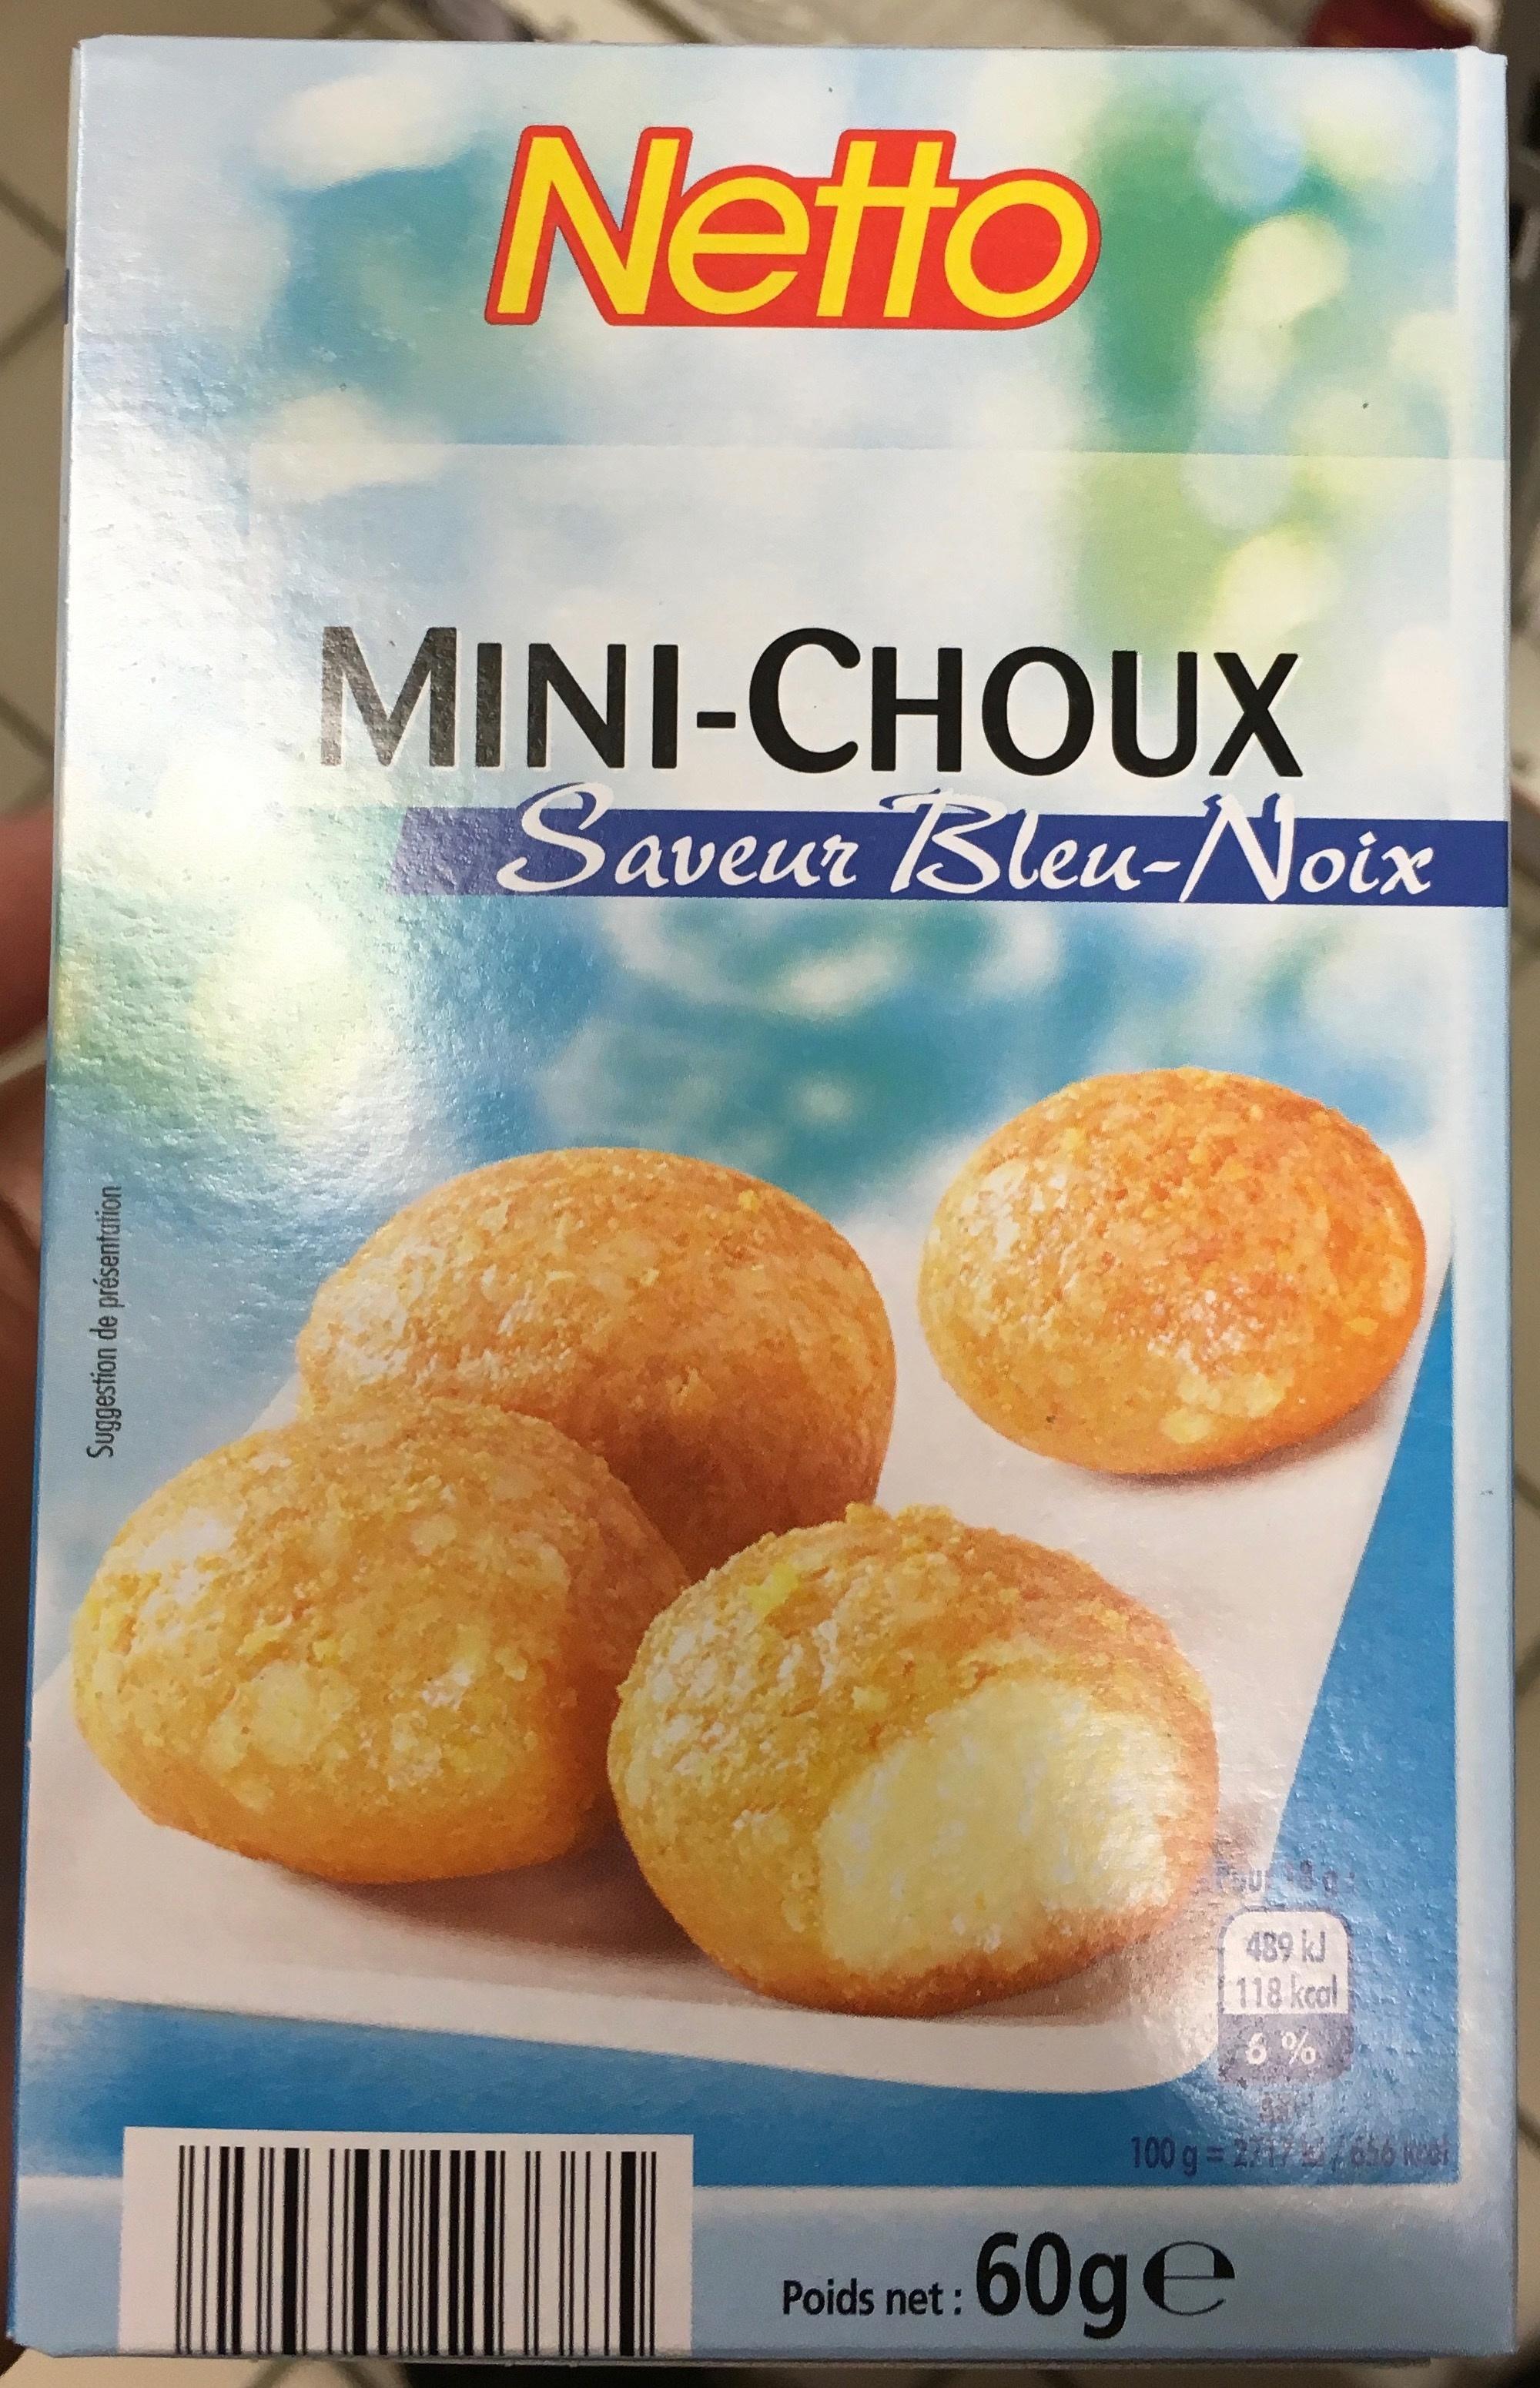 Mini-Choux saveur Bleu-Noix - Product - fr